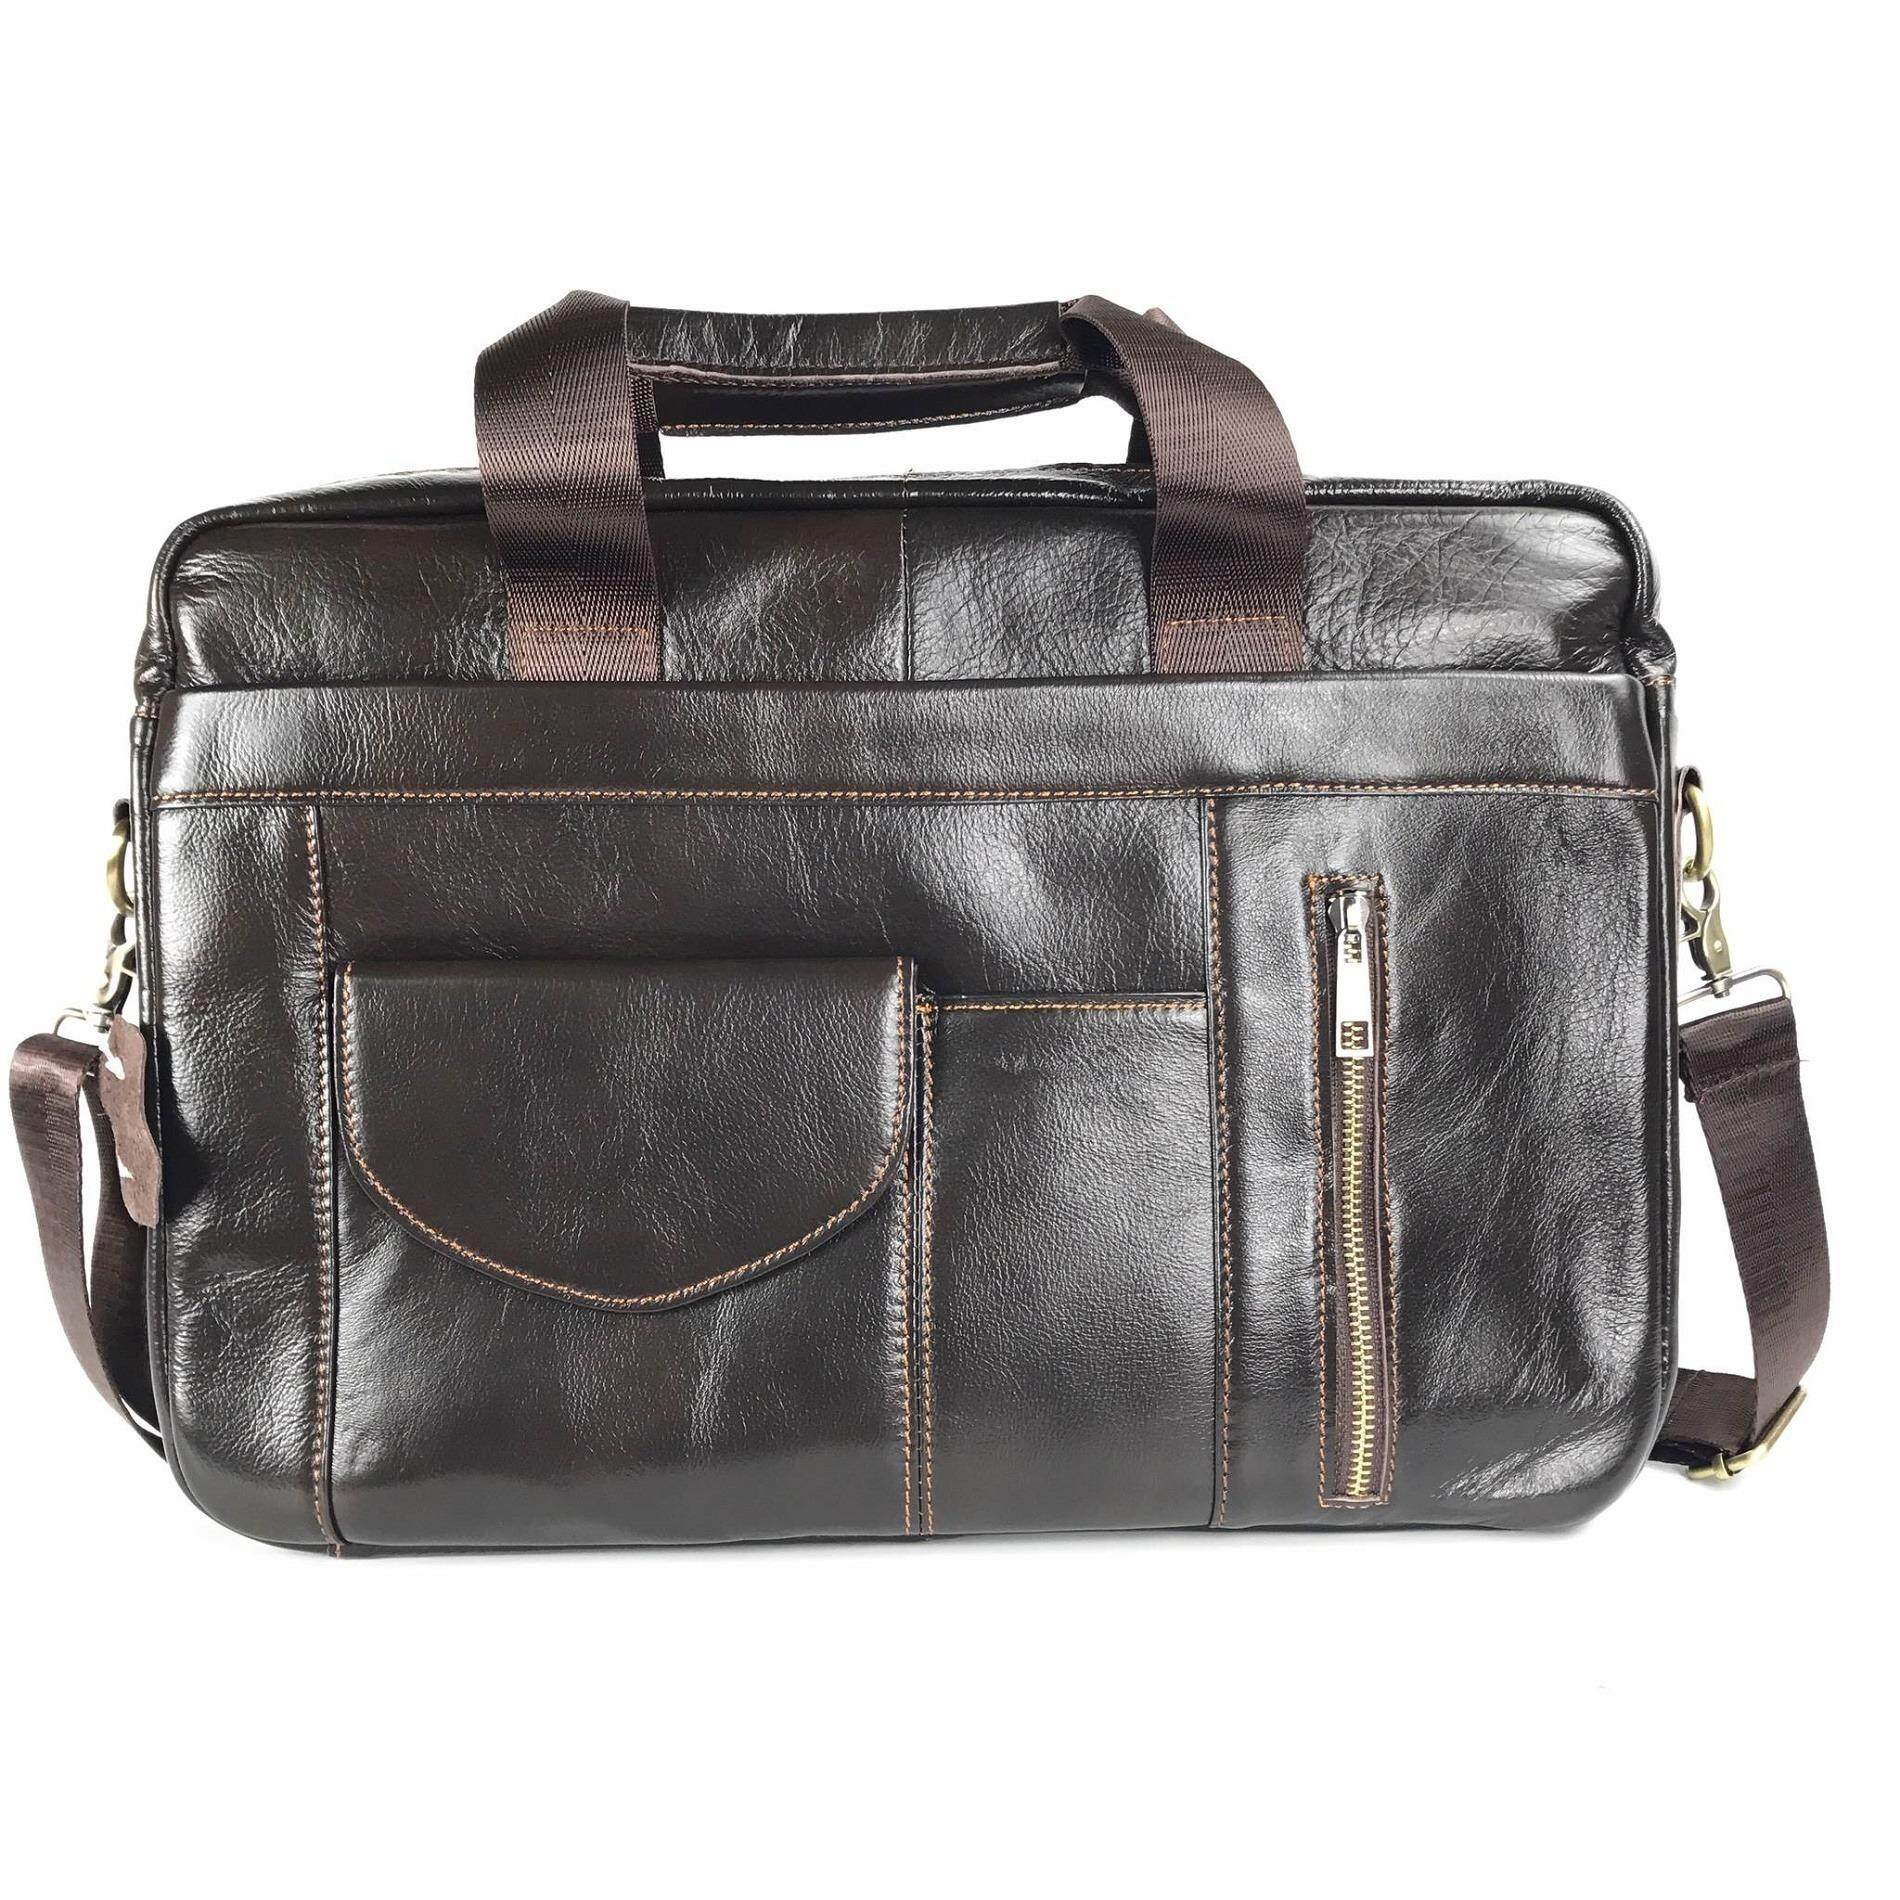 Chinatown Leather กระเป๋าเอกสารหนัง สะพายใส่โน้ตบุ๊คได้ รุ่นหน้ากระเป๋าข้างน้ำตาล